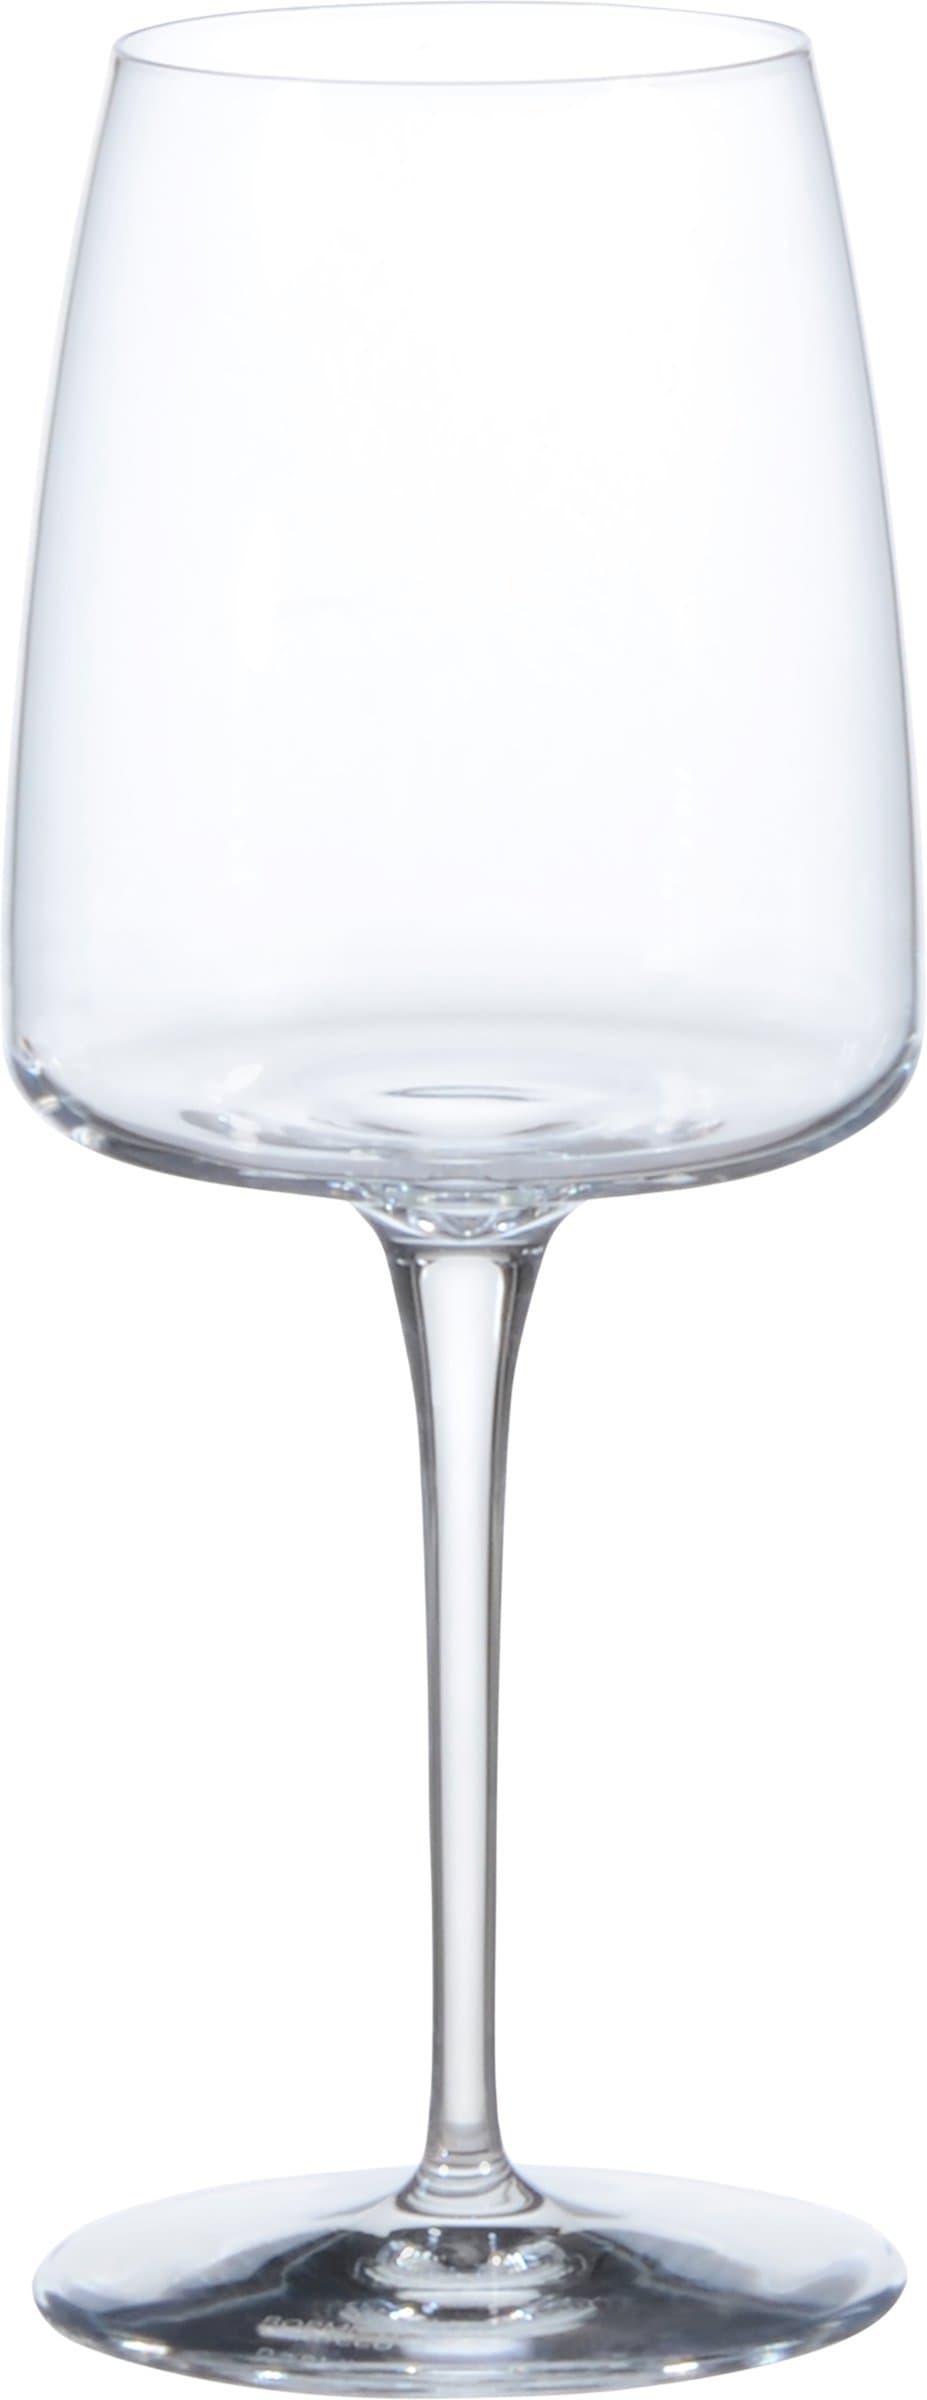 NEXO Calice da vino